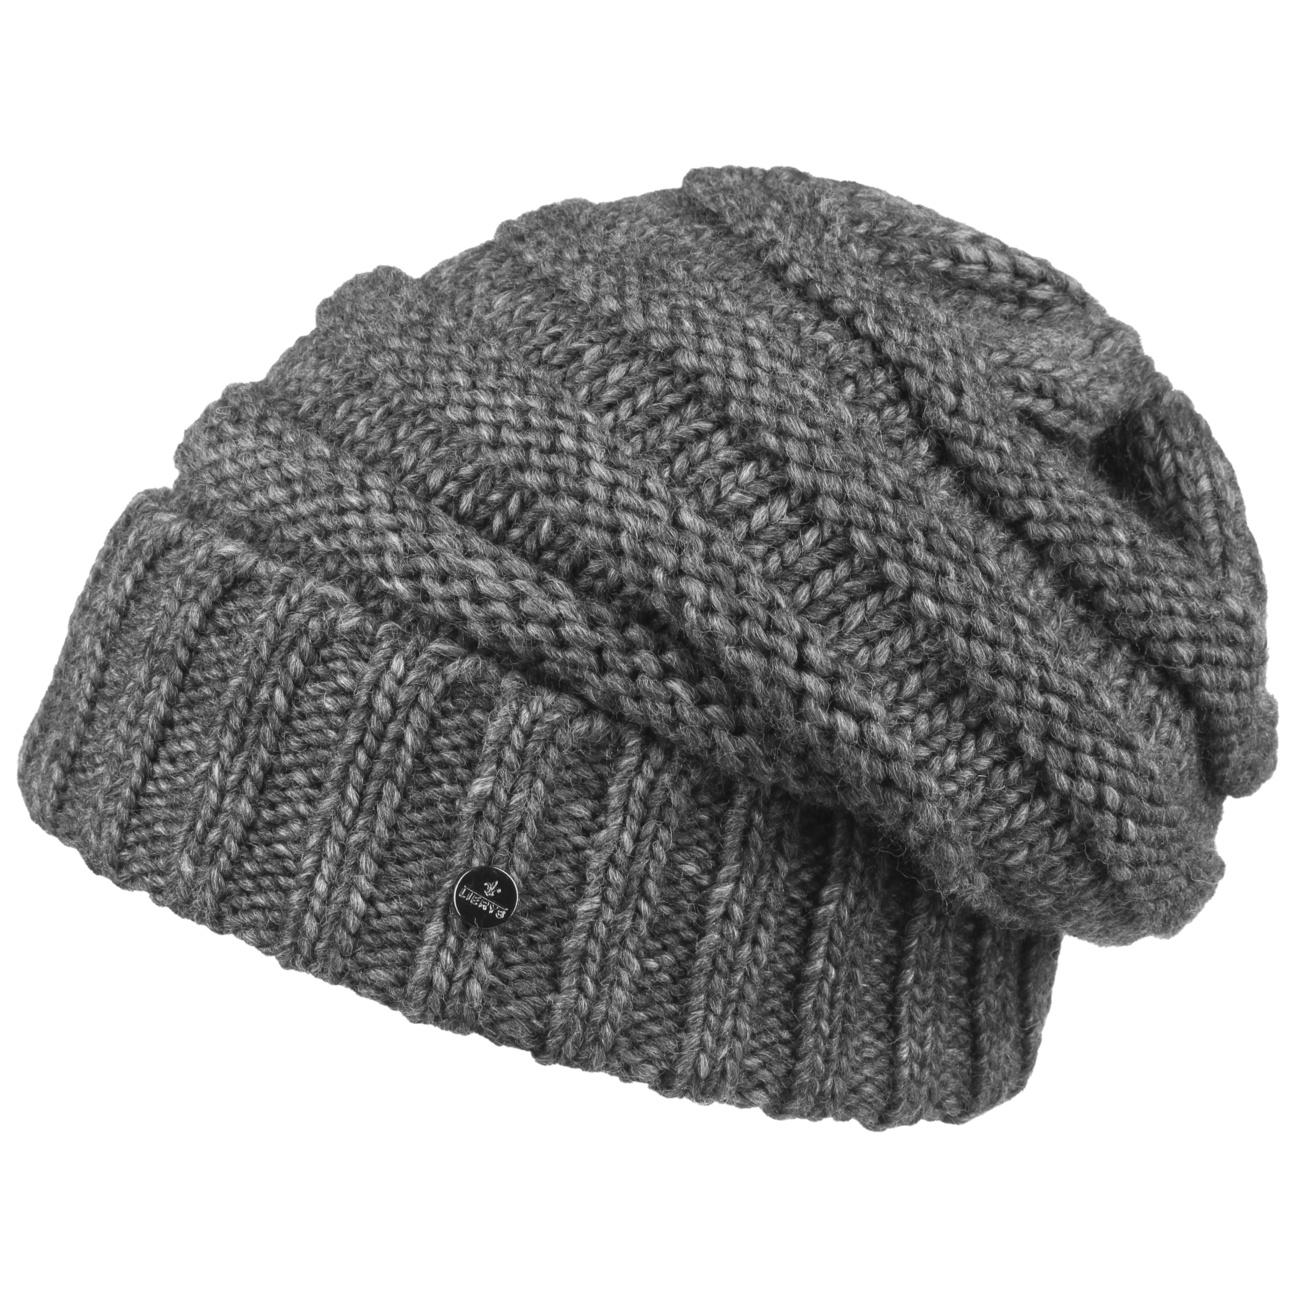 Long Beanie Knit Hat by Lierys, EUR 49,95 --> Hats, caps & beanies sho...